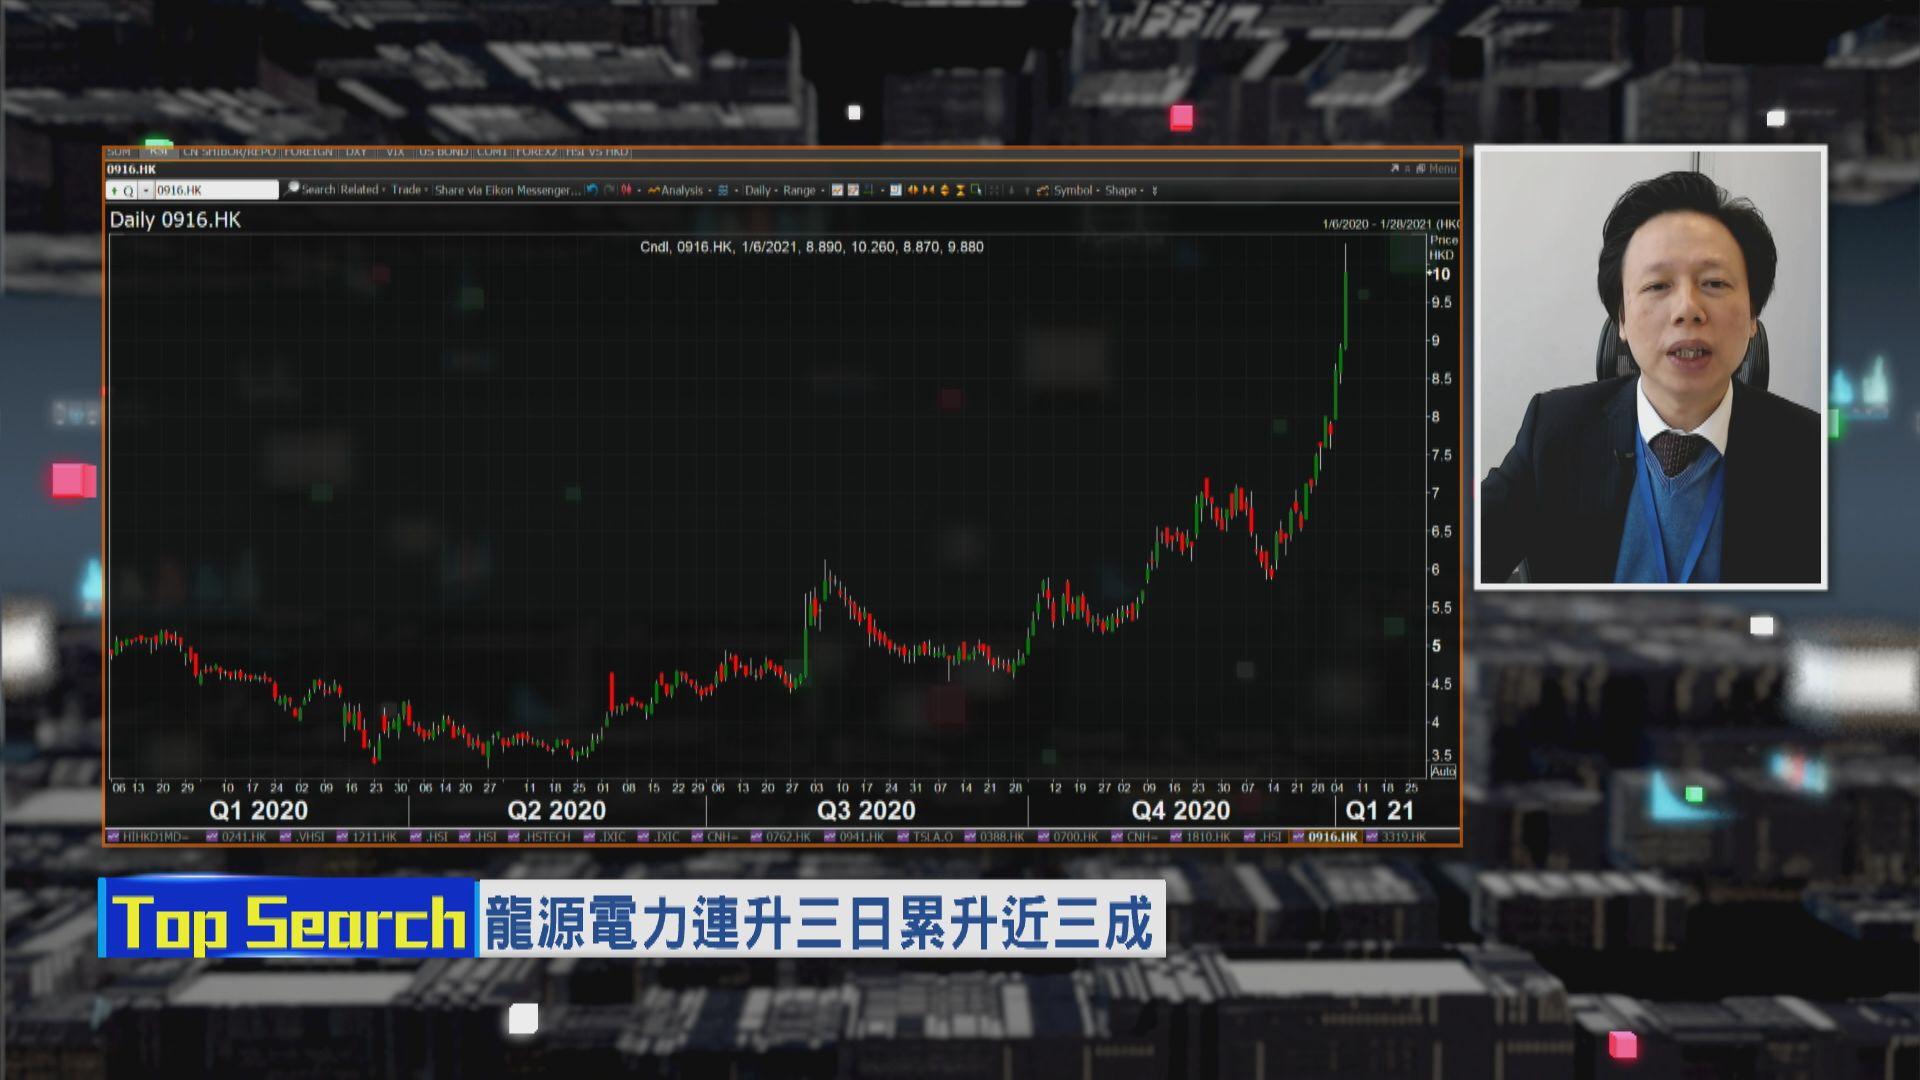 【財經TOP SEARCH】買定龍源等見$15?